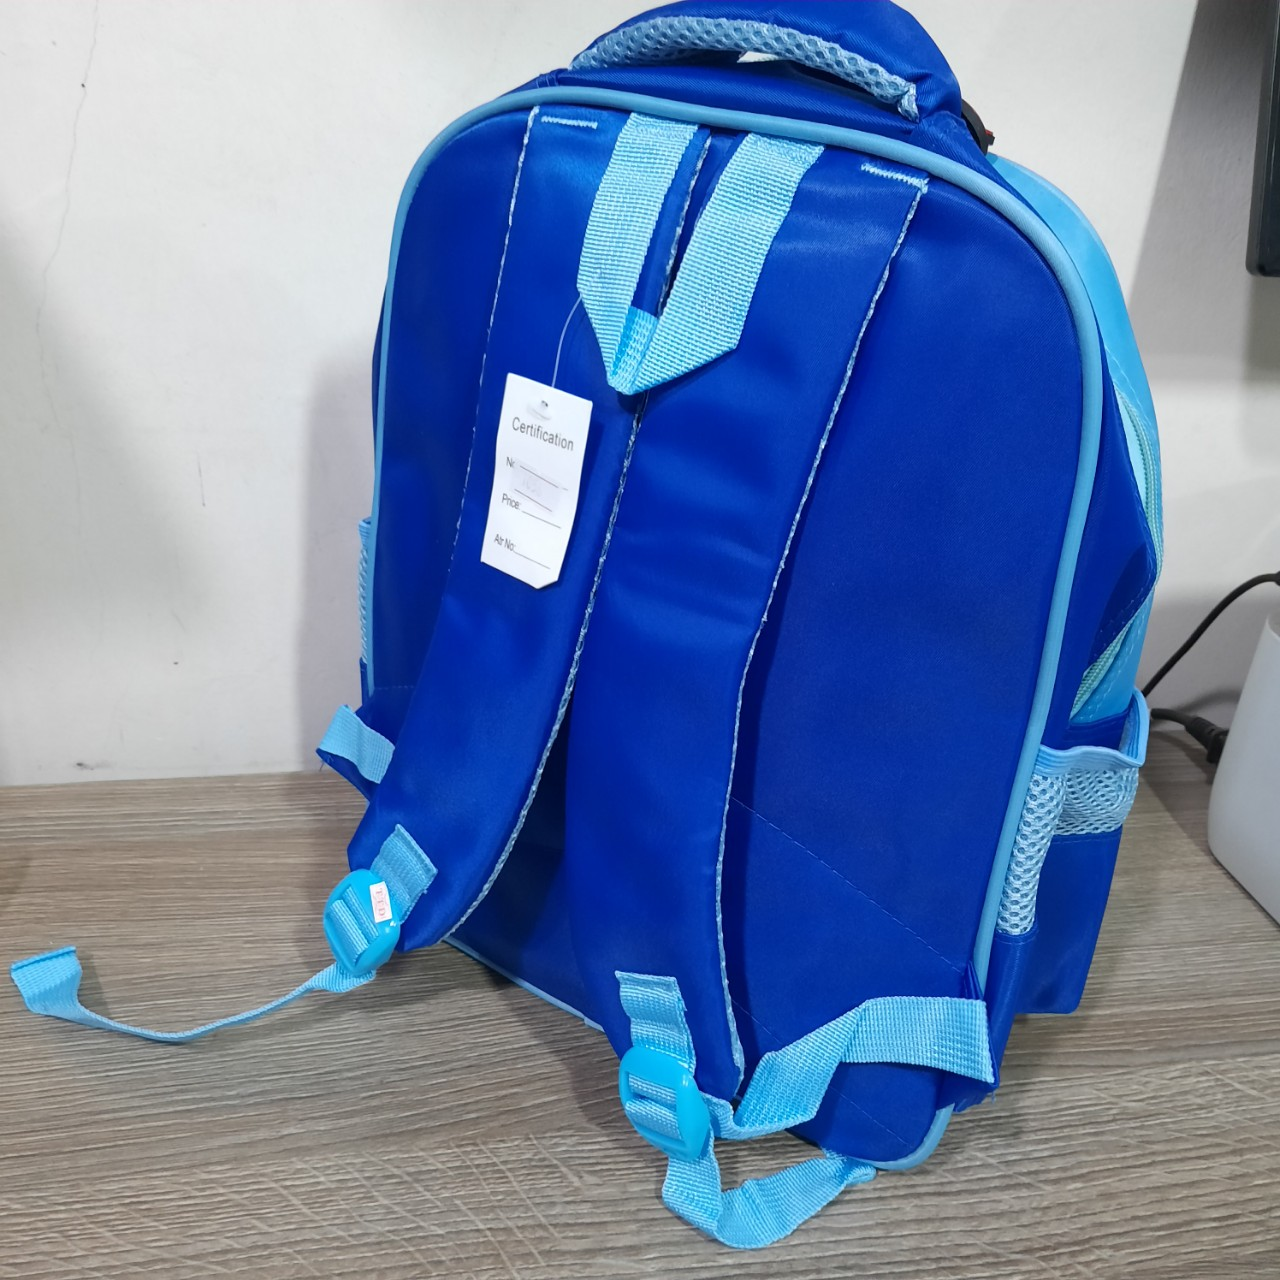 Balo cho bé trai 3D Hình siêu nhân avent xanh- batman 1056 HS3 Shalla (balo cho bé trai chuyên sỉ)